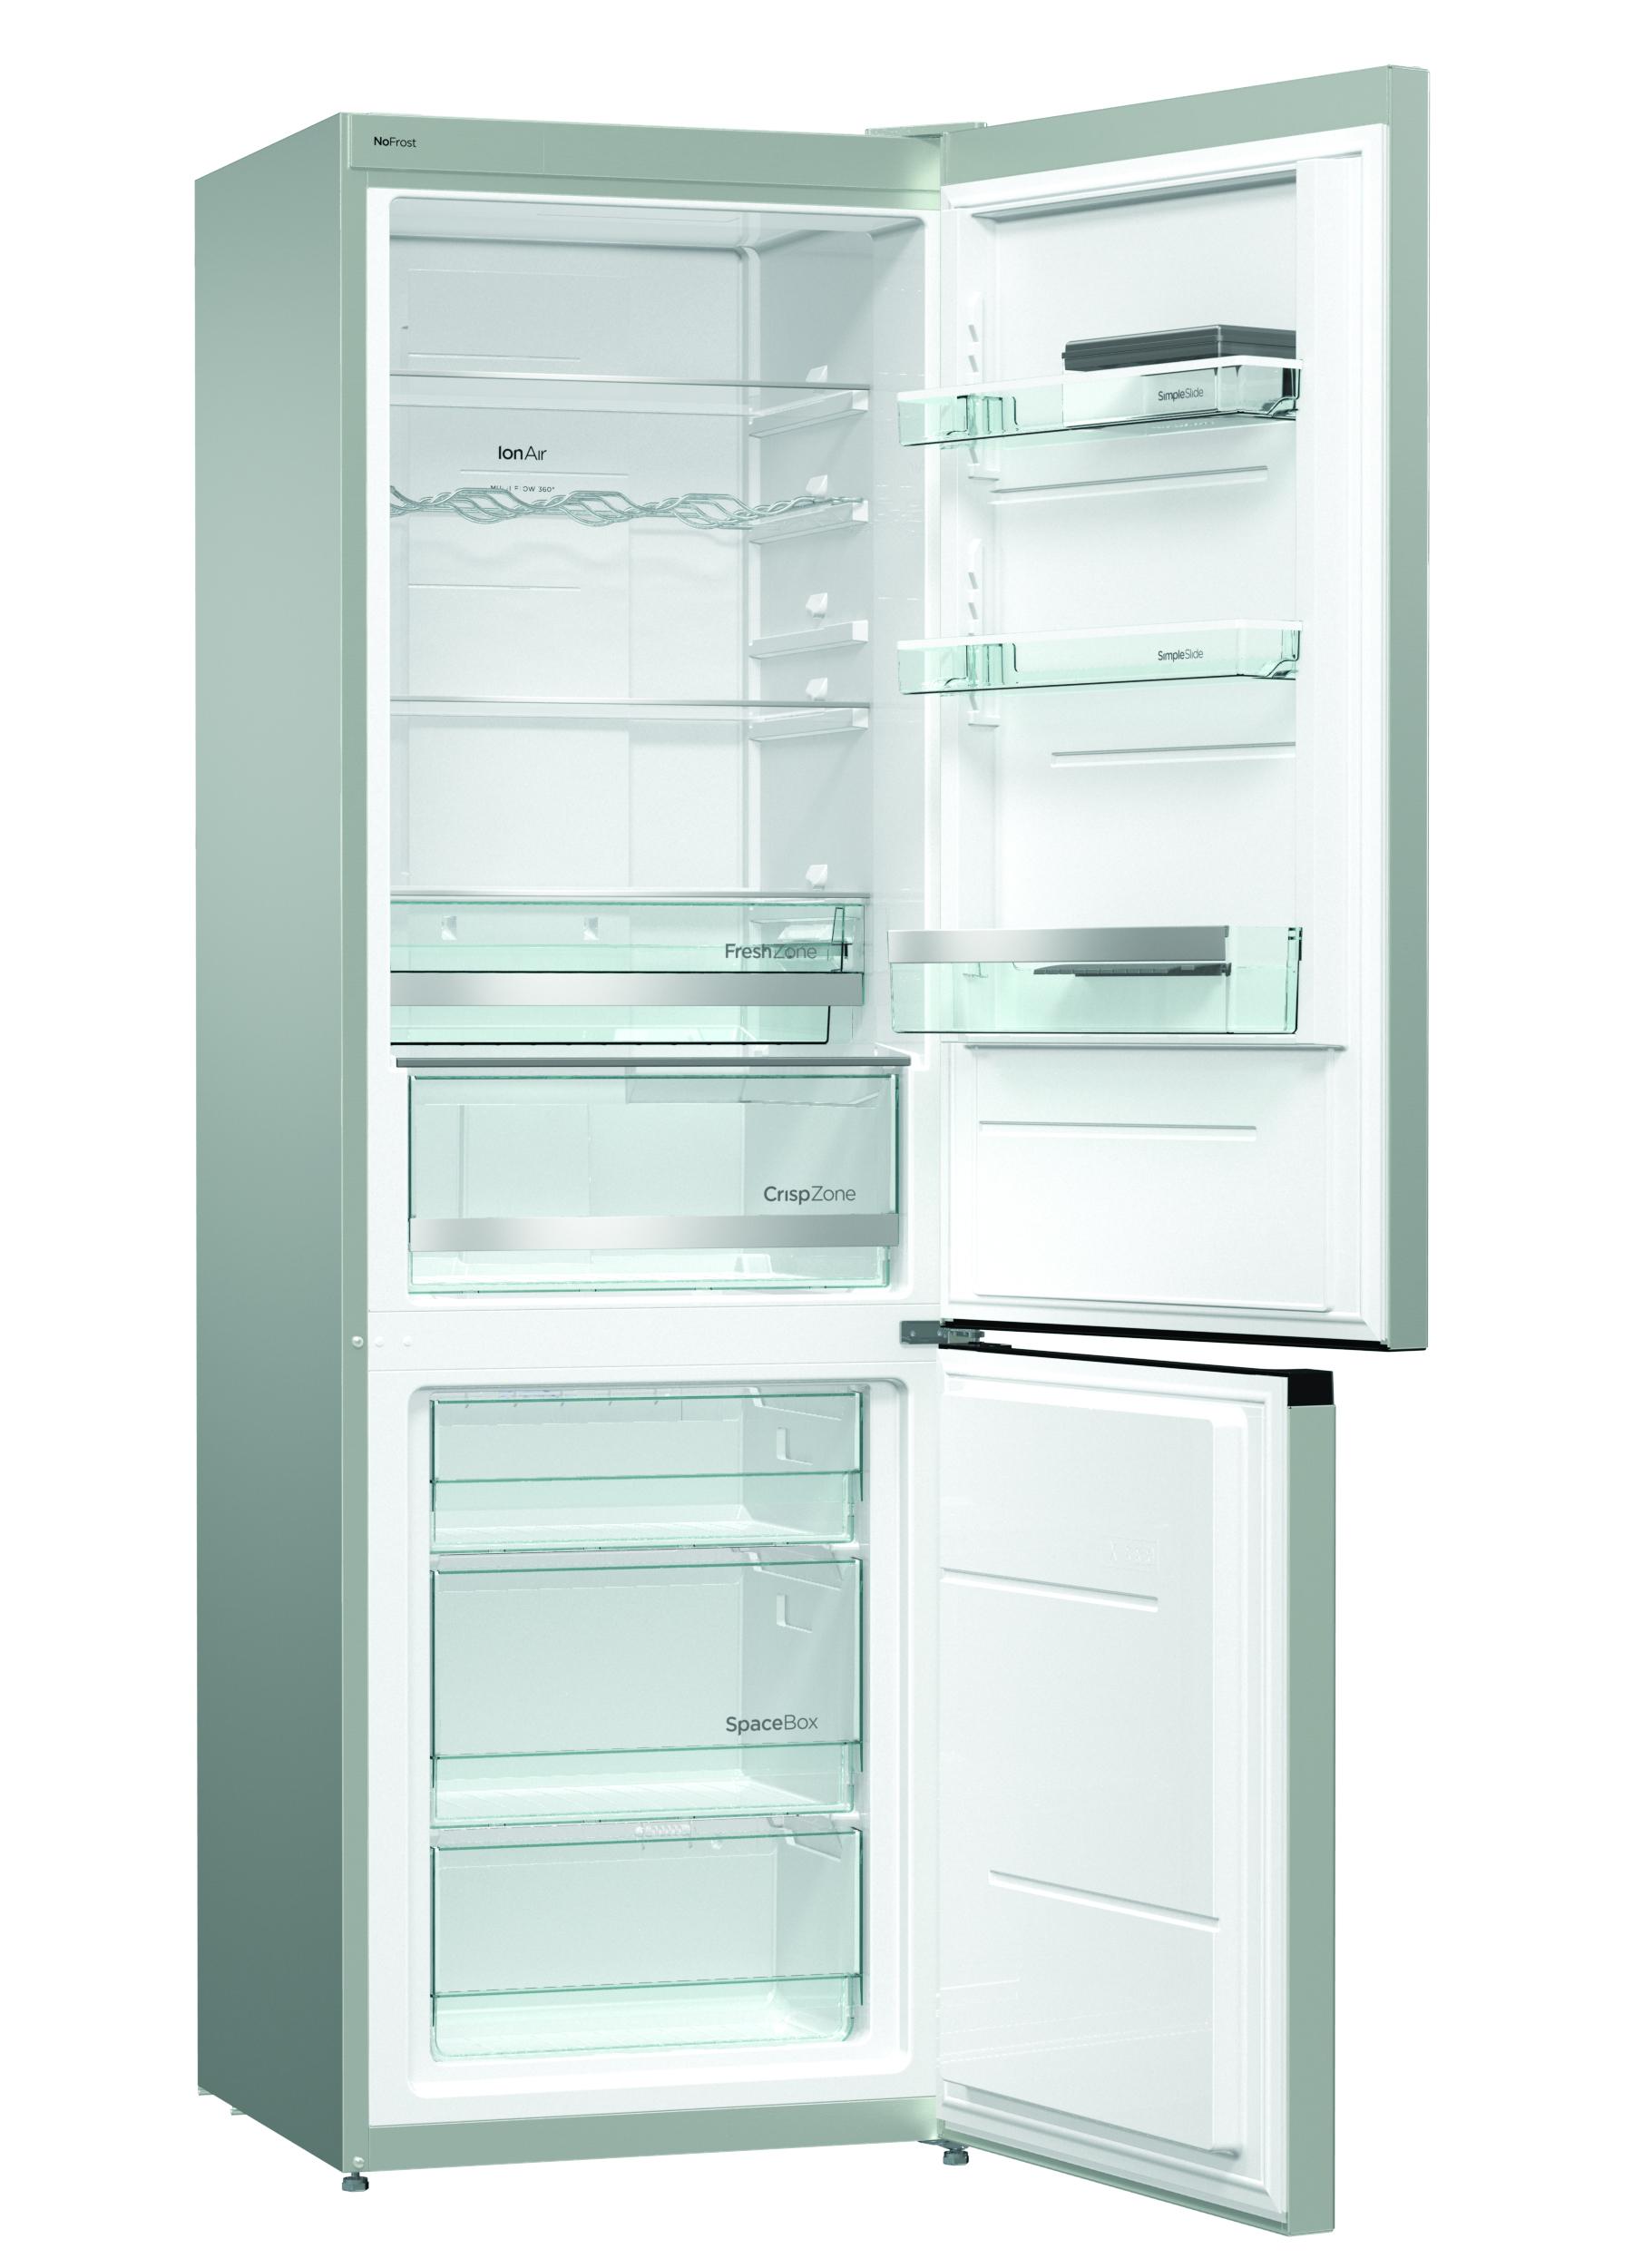 Full Size of Real Küchen Gorenje Stand Khl Gefrier Kombination Inoa Nrk6192mx4 Regal Wohnzimmer Real Küchen